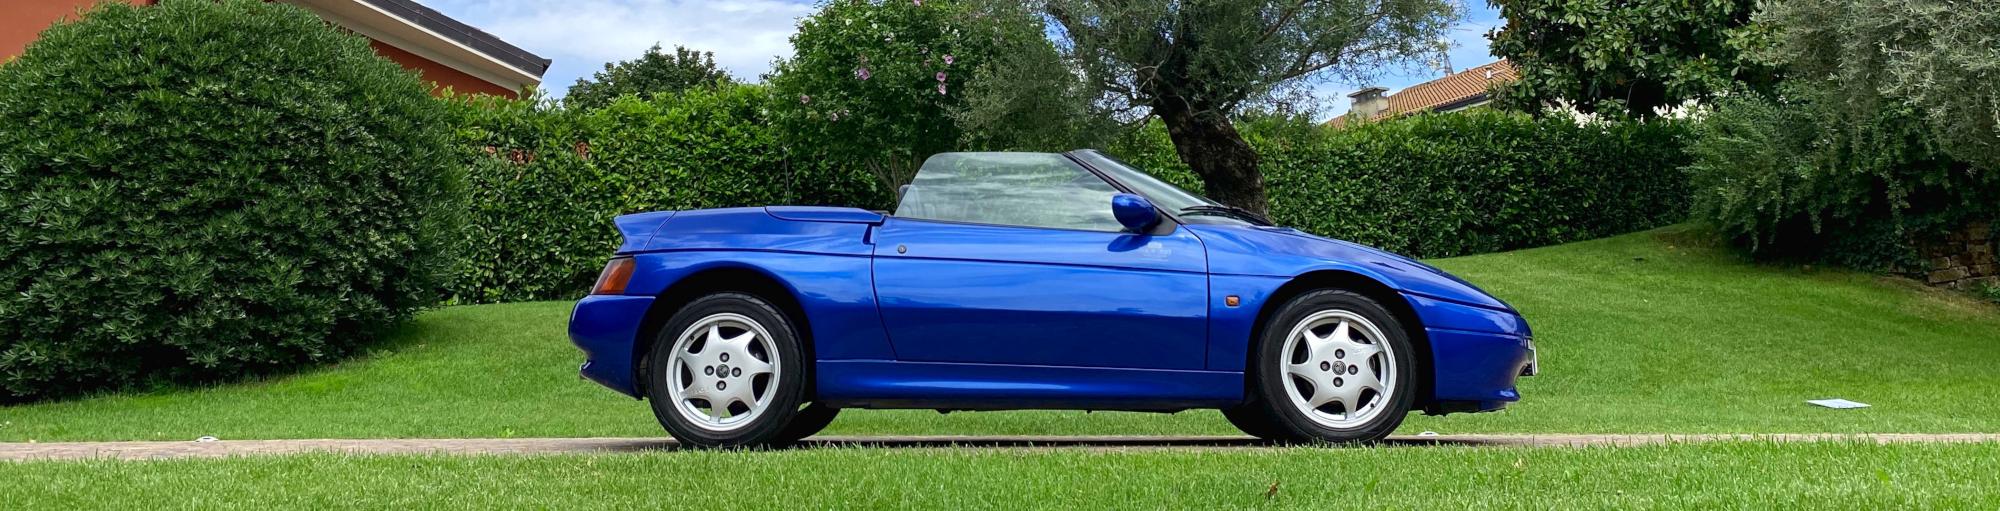 Laterale Lotus Elan Turbo-S1 M100 - PASSIONE CLASSICA